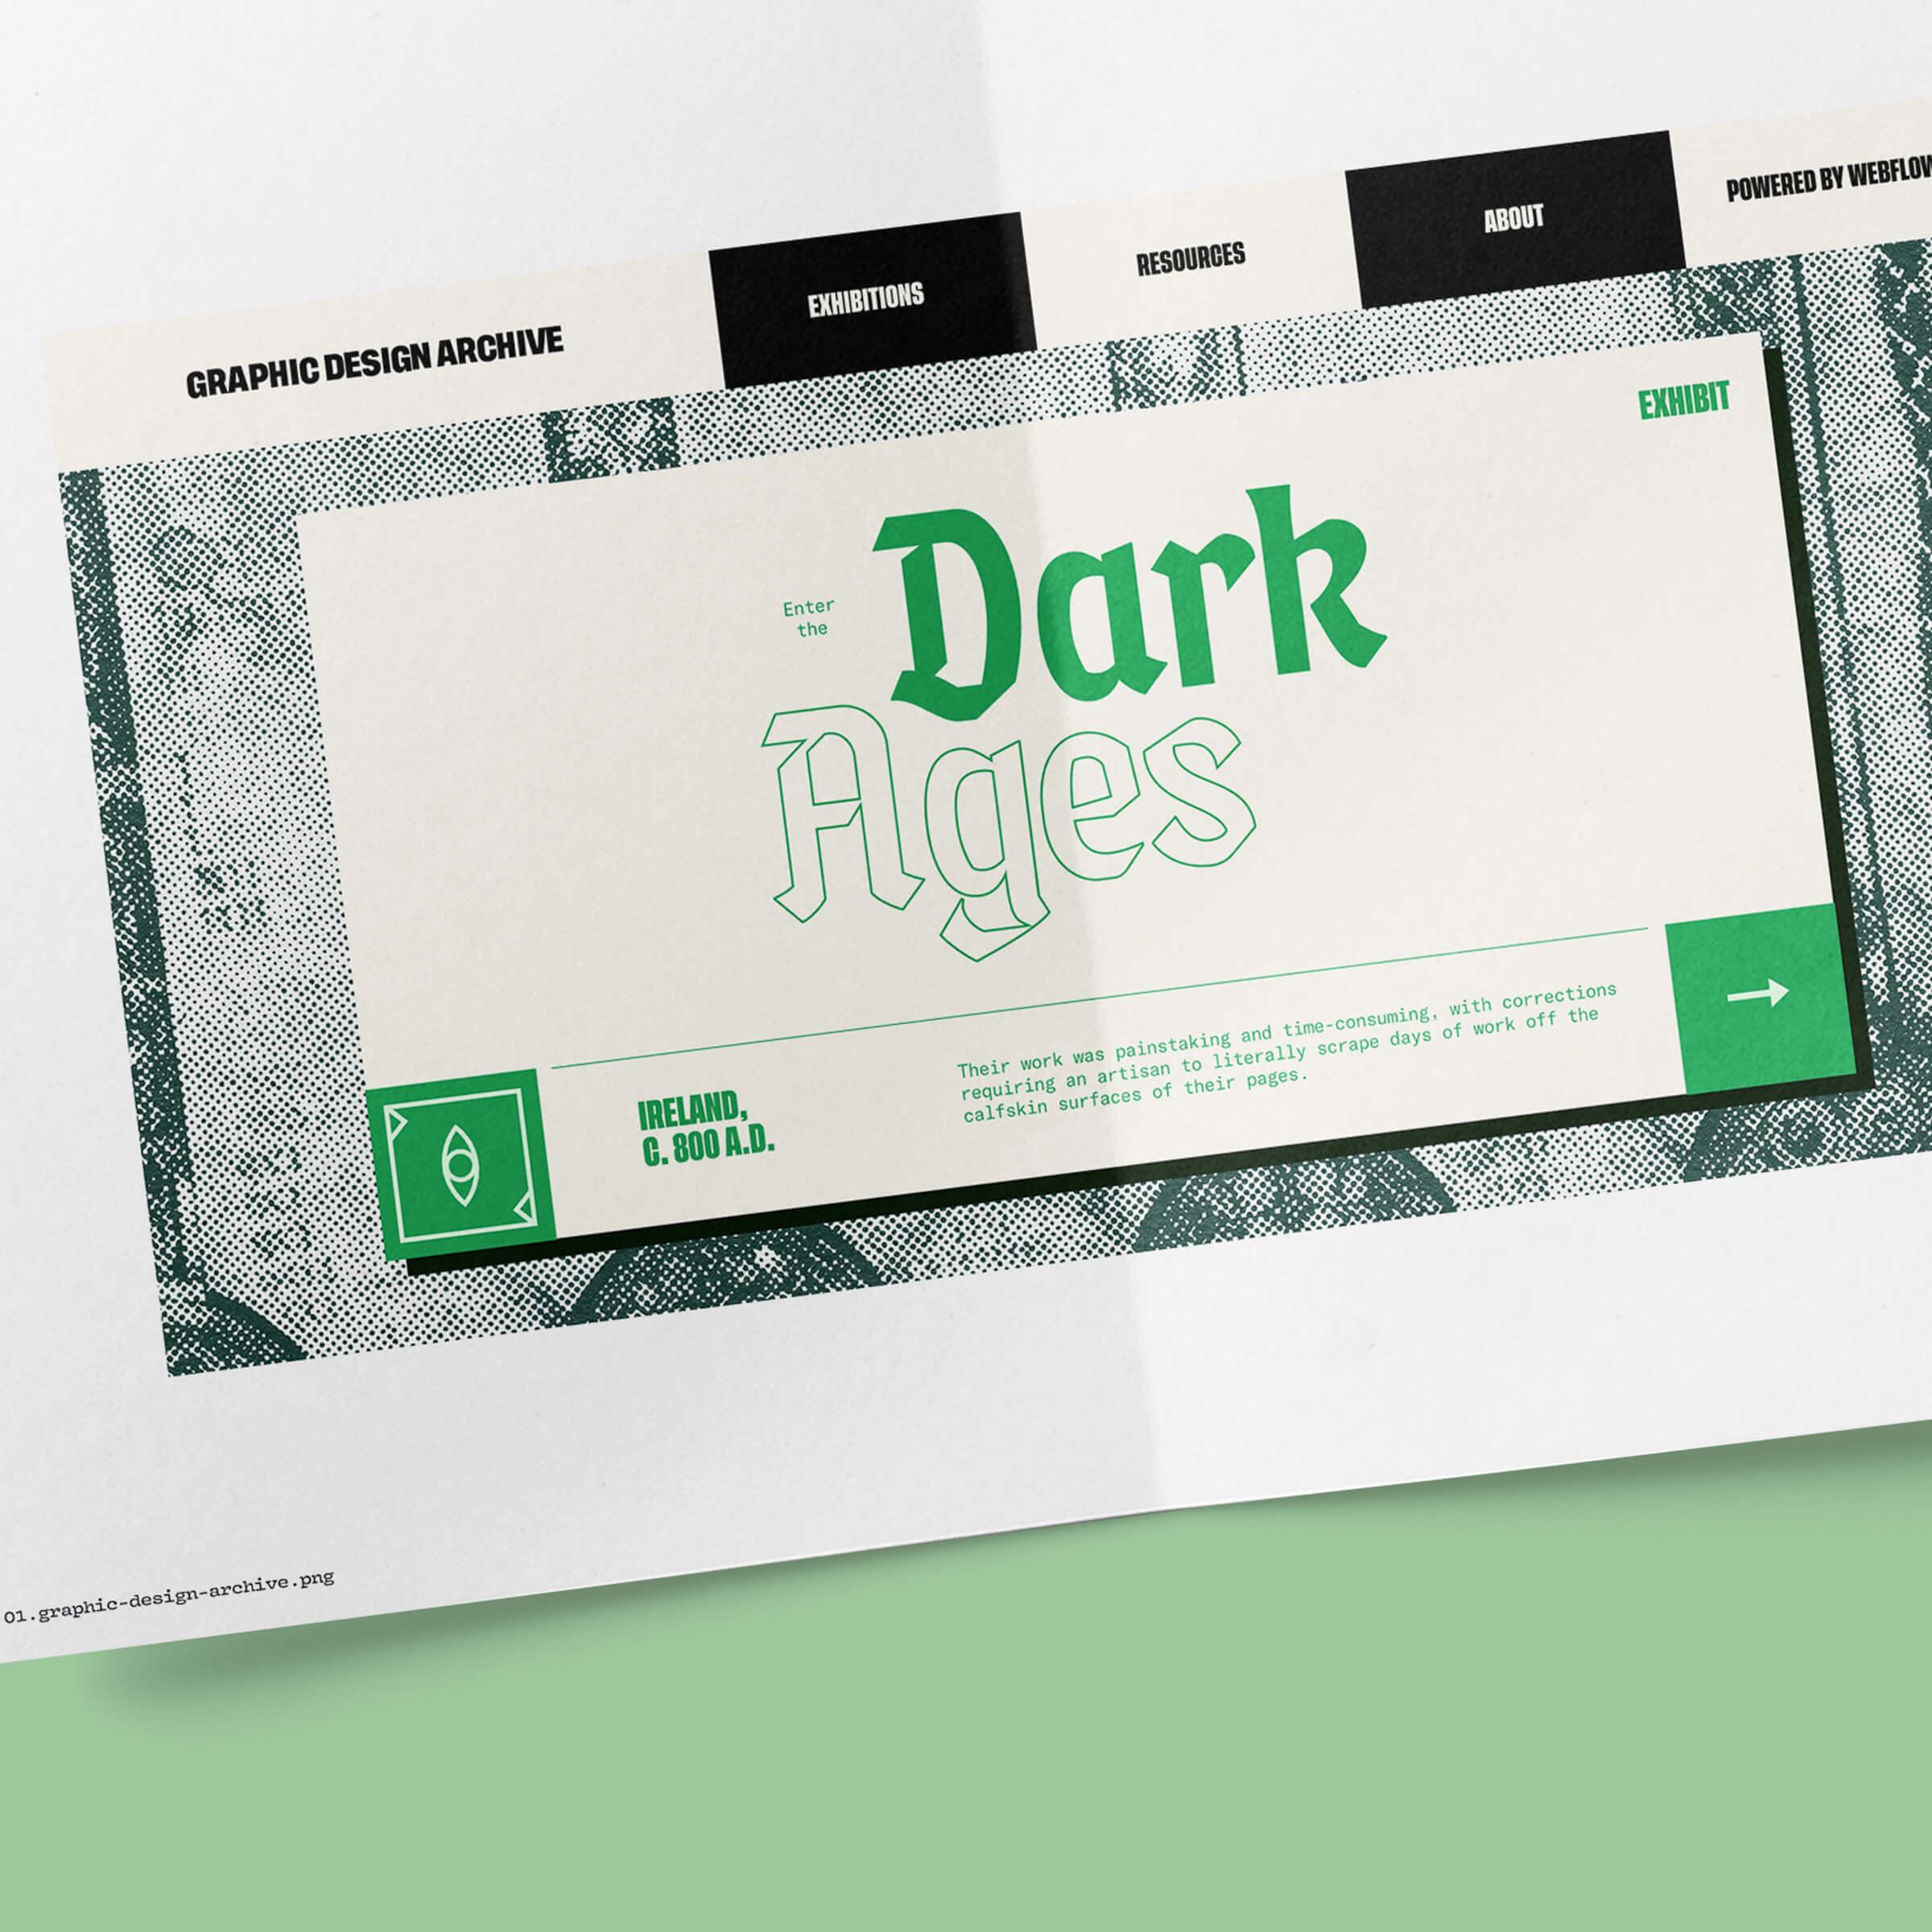 Dark ages concept.